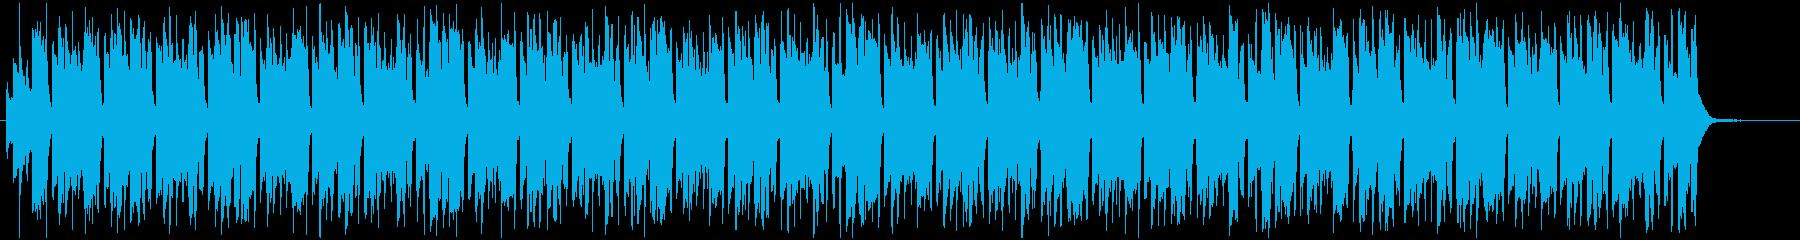 軽快で疾走感のあるBGMの再生済みの波形